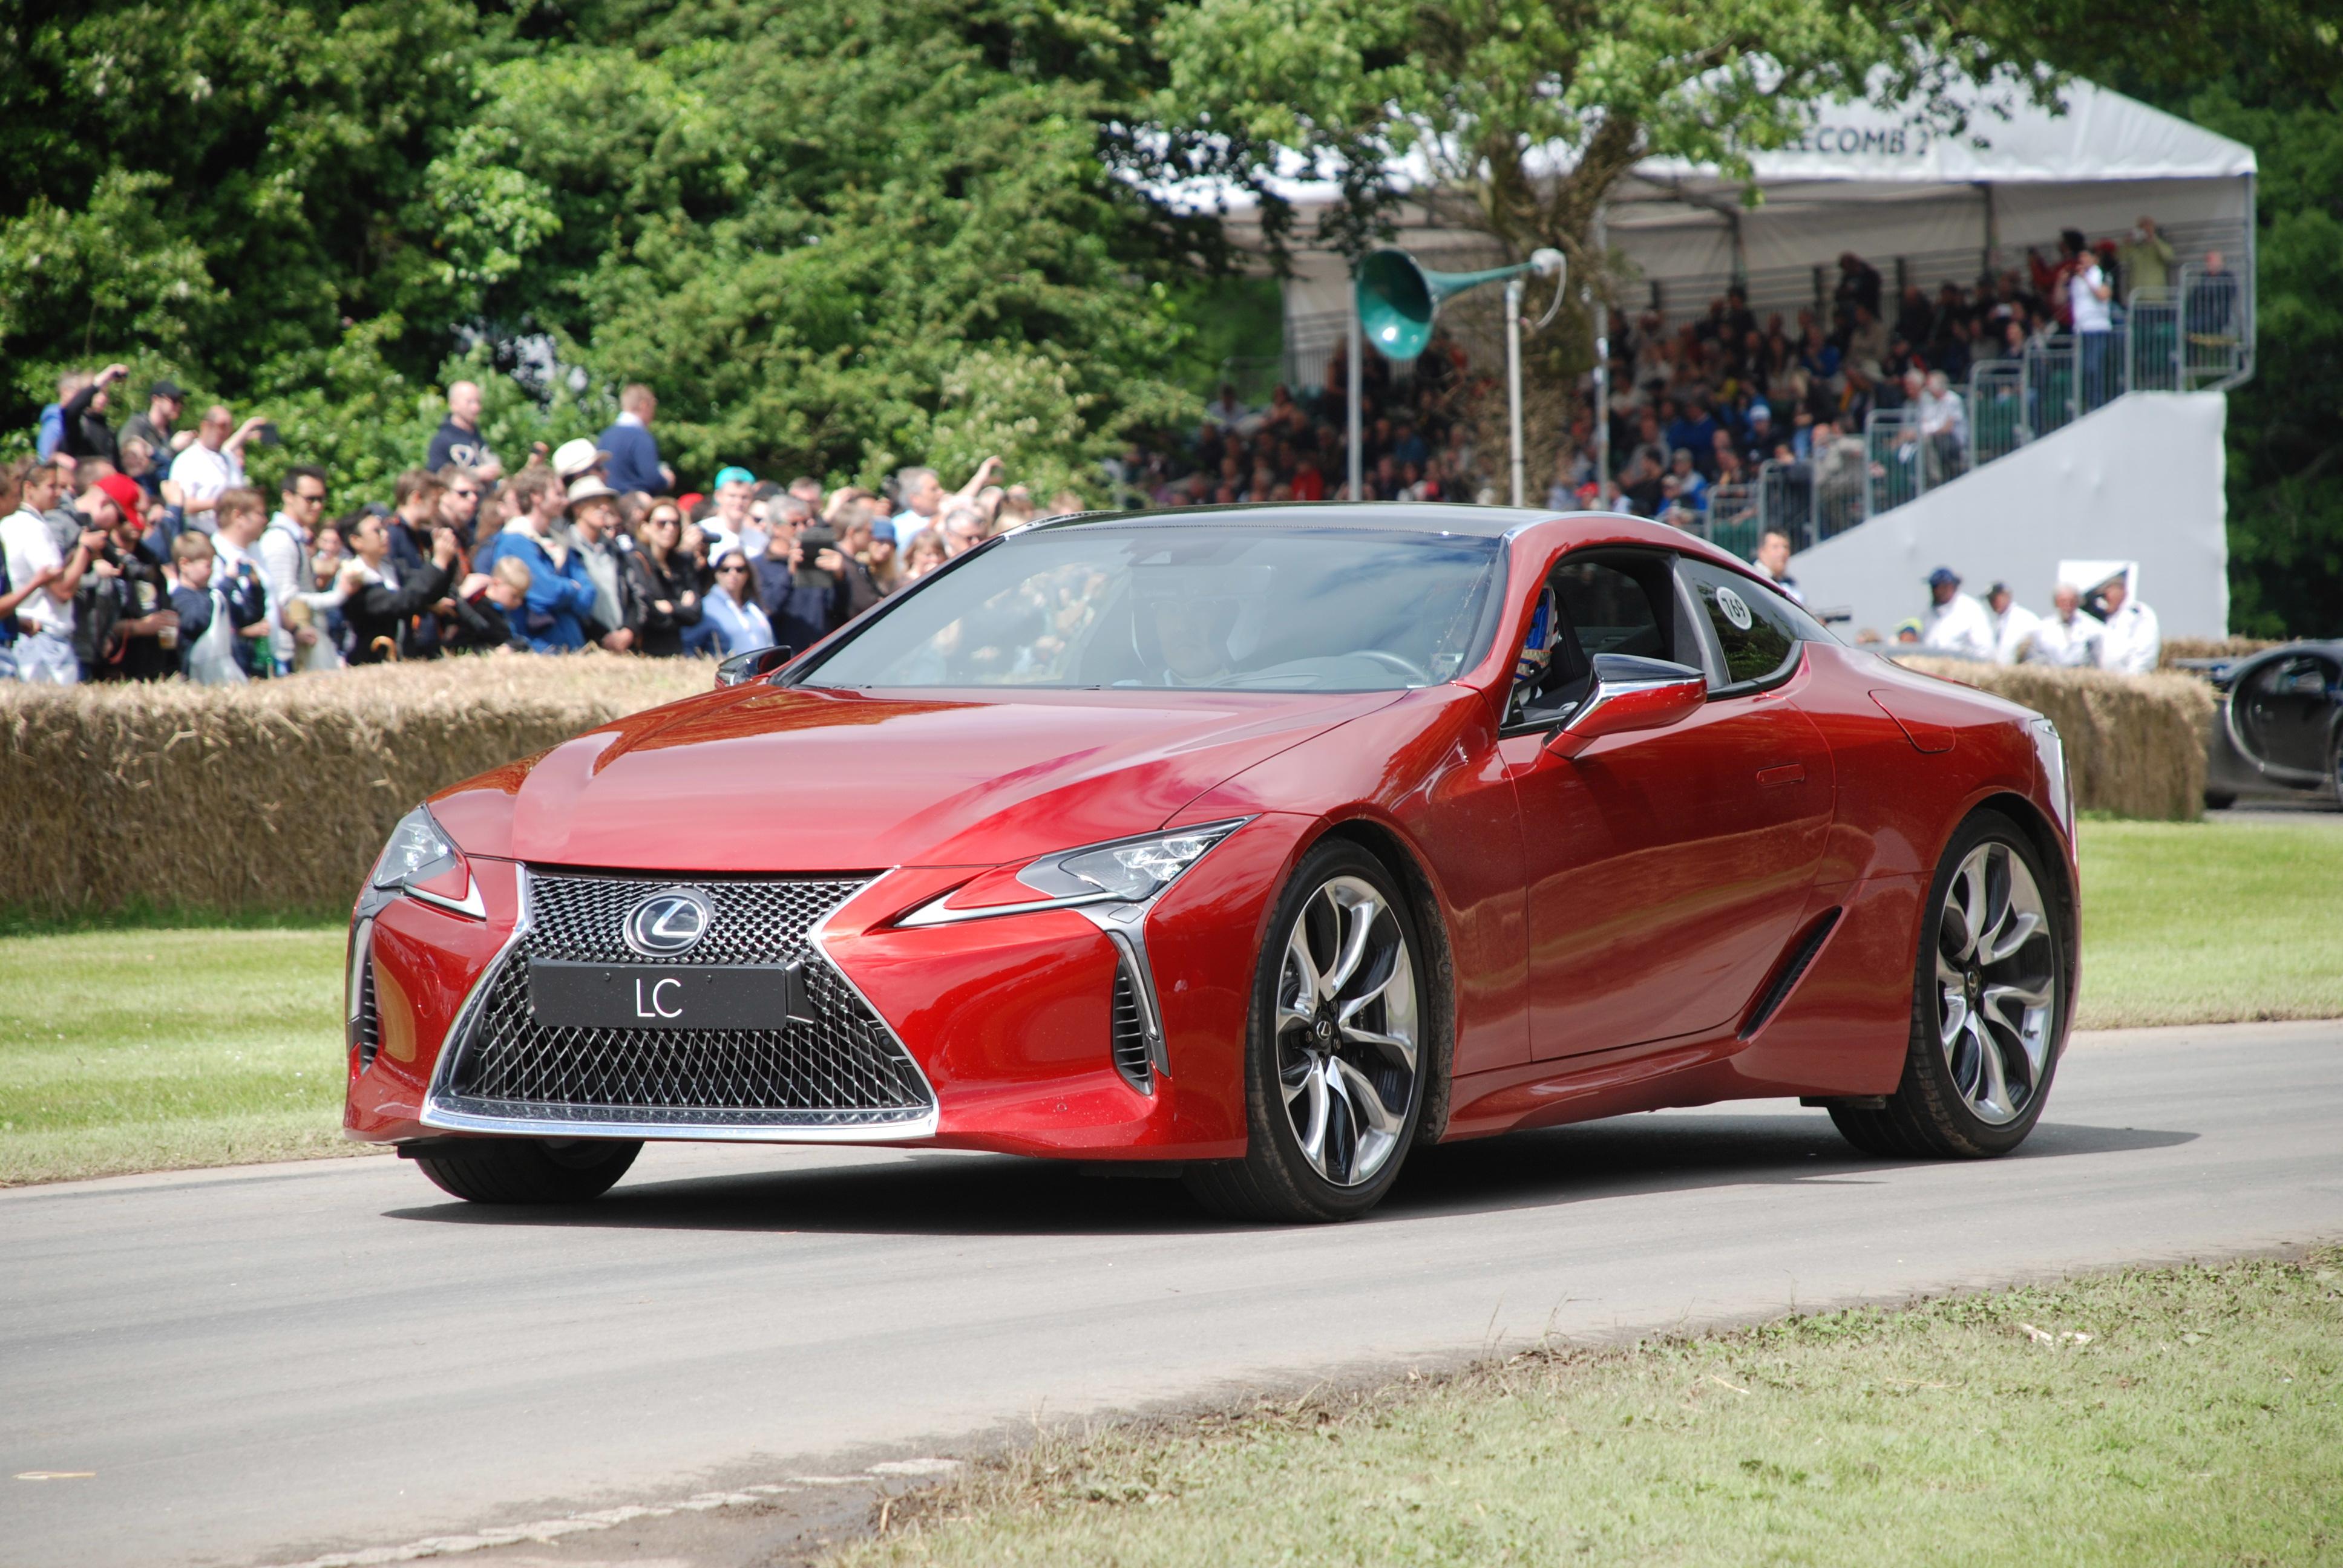 650 Koleksi Gambar Mobil Lexus Sport Gratis Terbaik